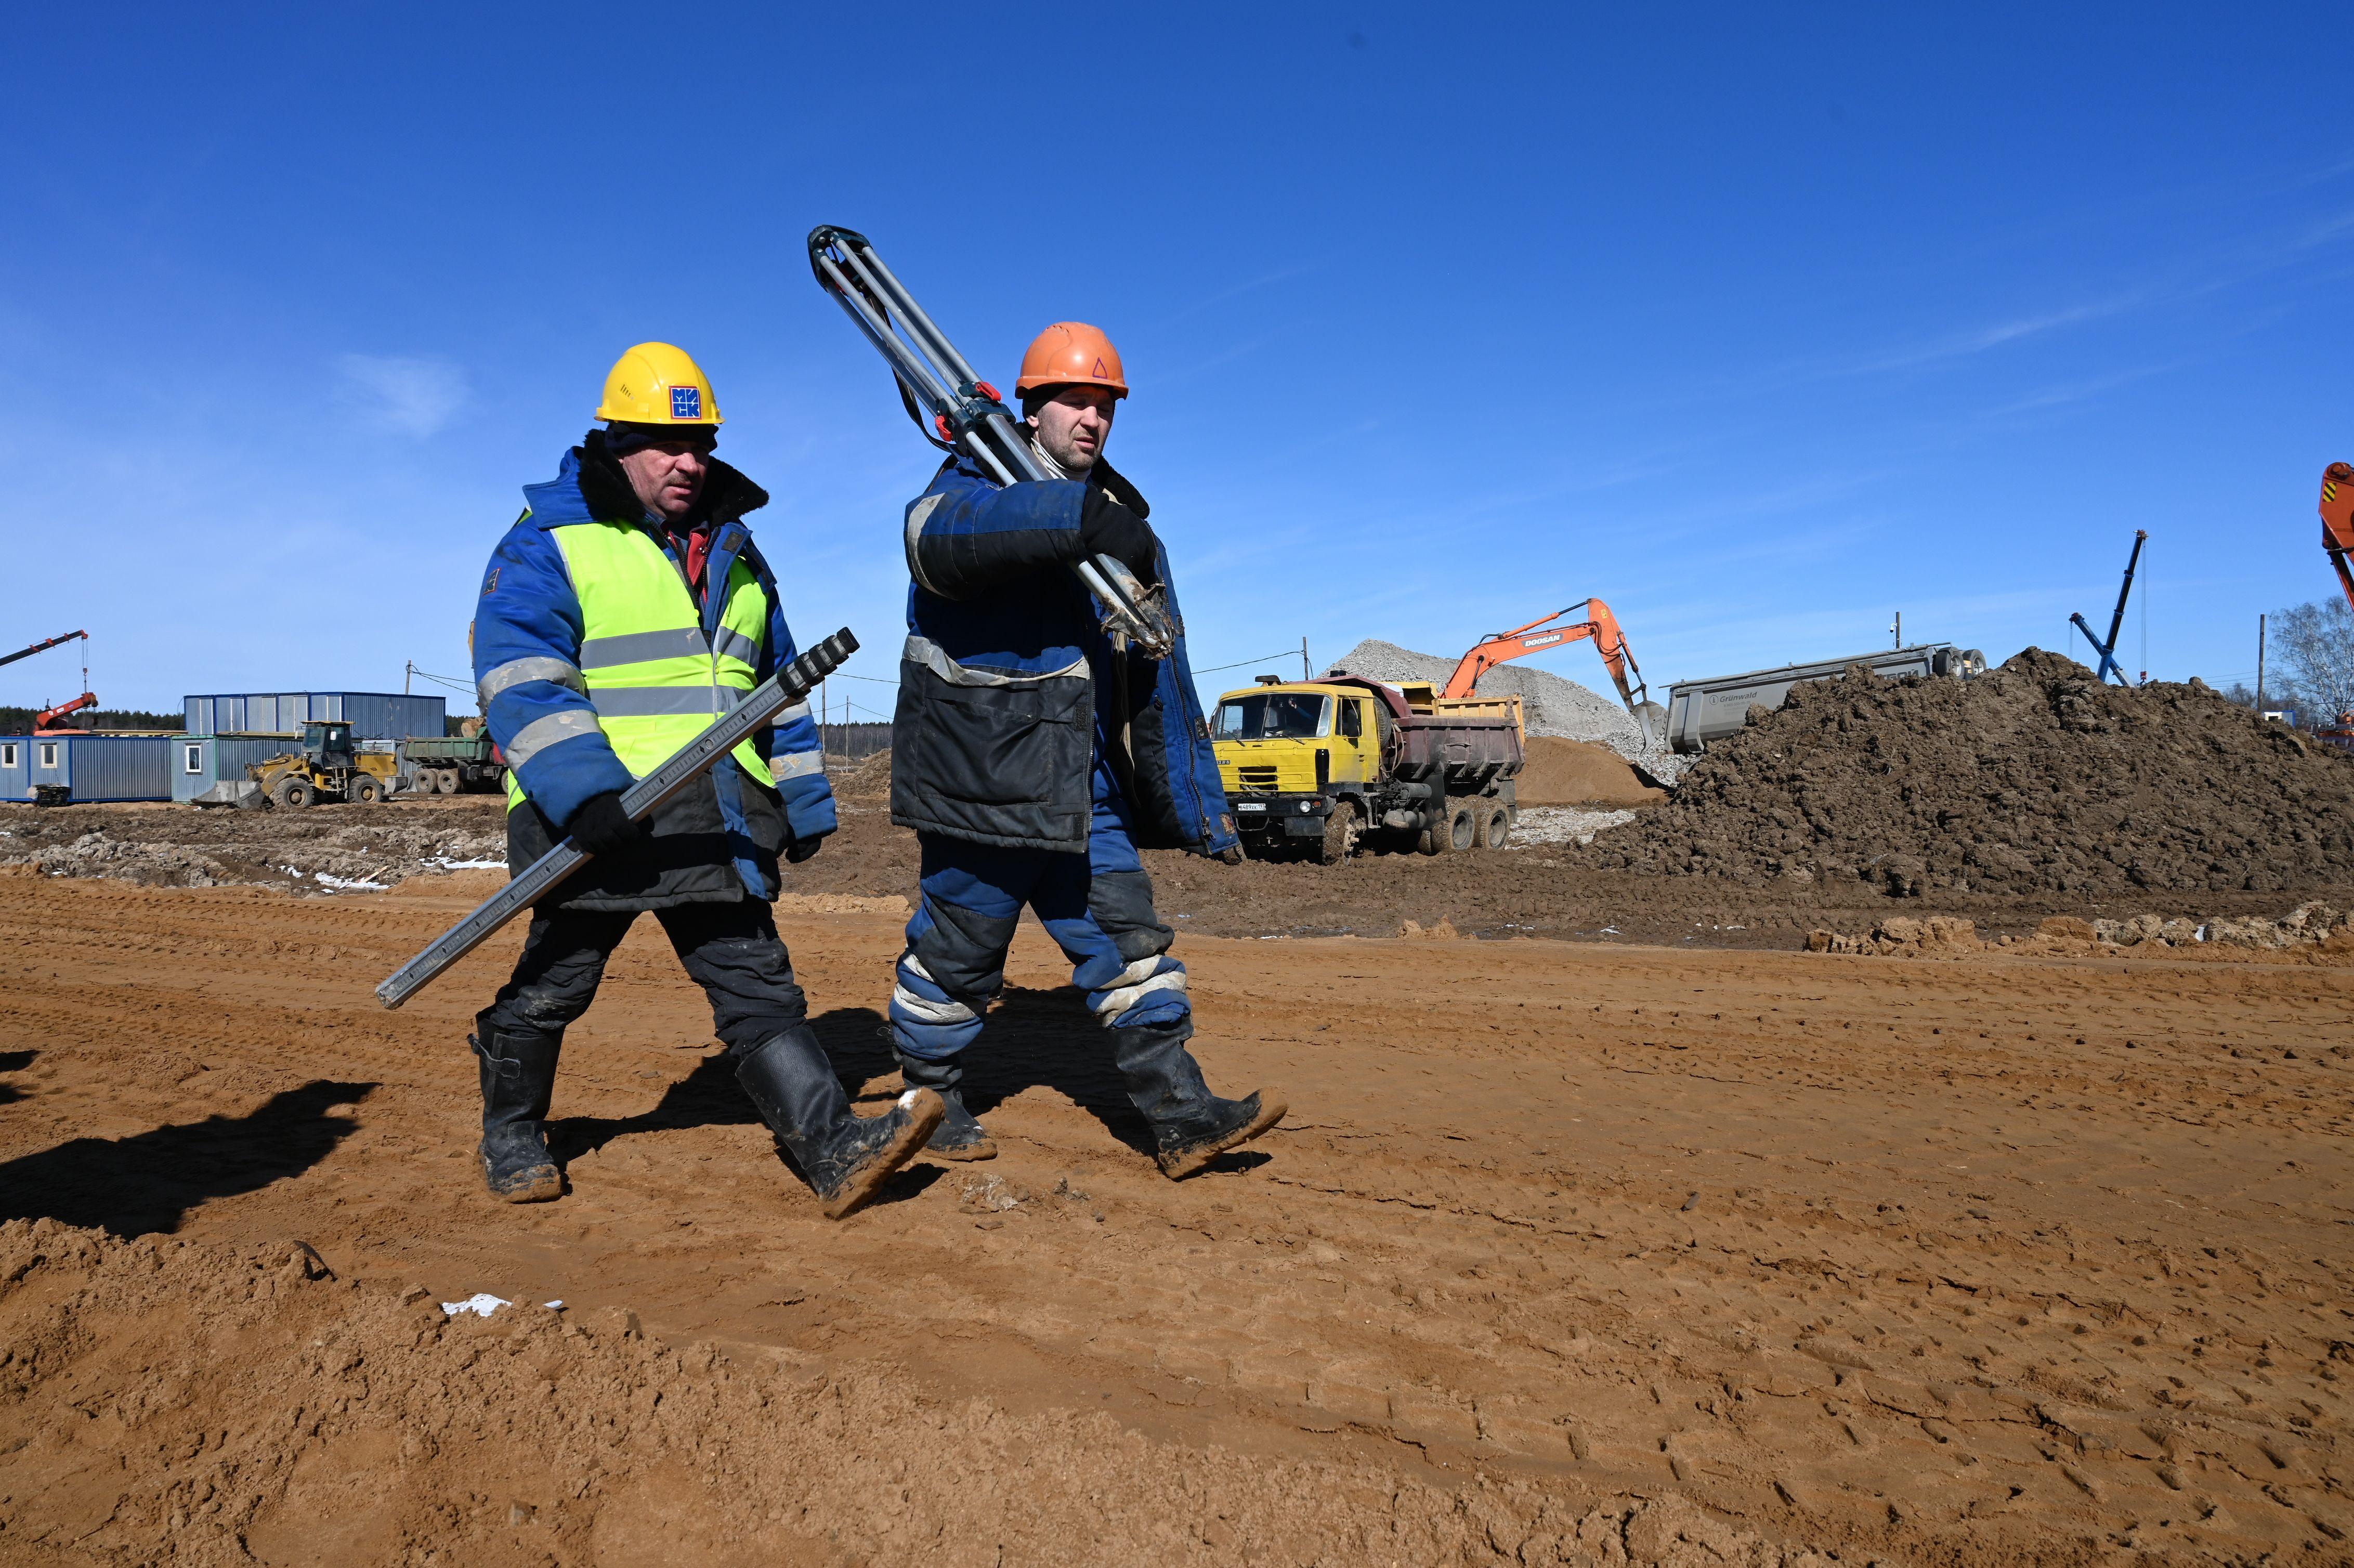 Москвичам пообещали 62 километра новых дорог в 2020 году